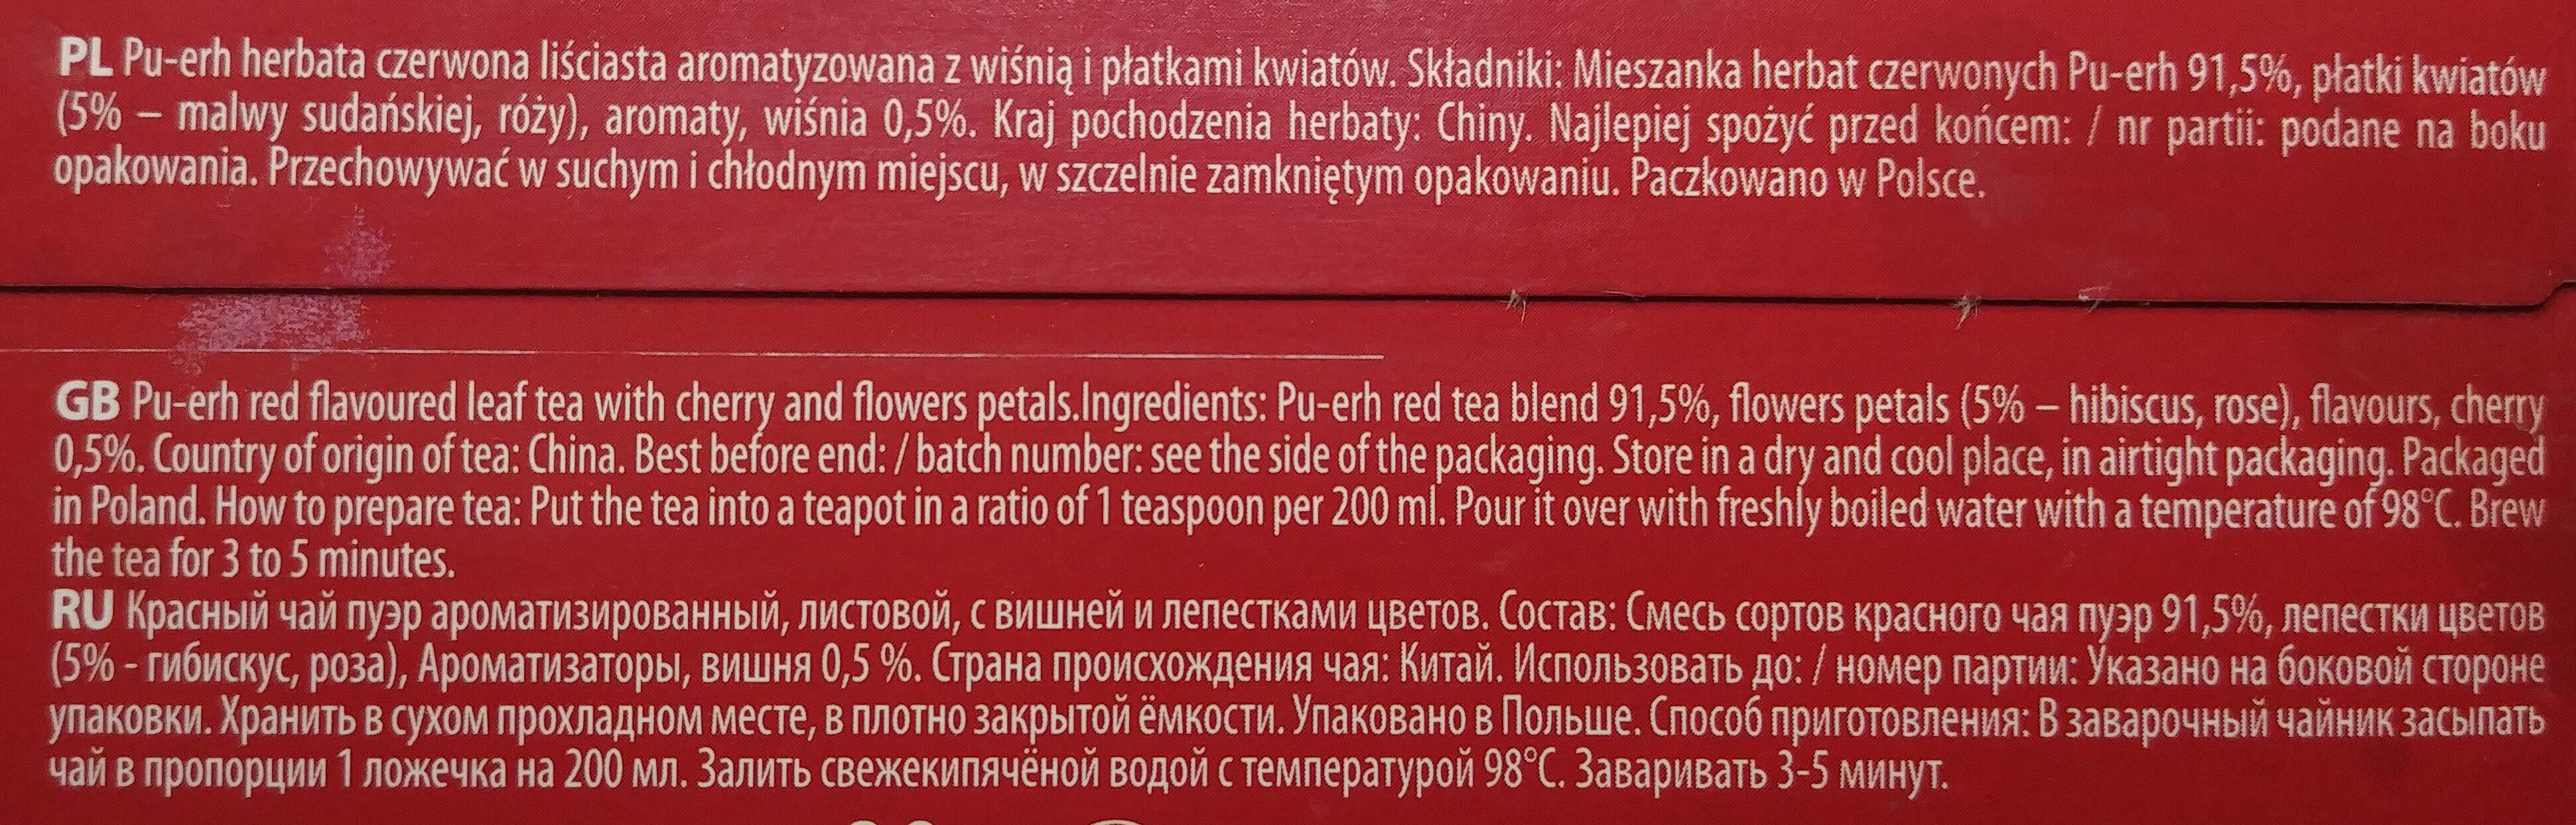 Pu-erh herbata czerwona liściasta z wiśnią i płatkami kwiatów - Składniki